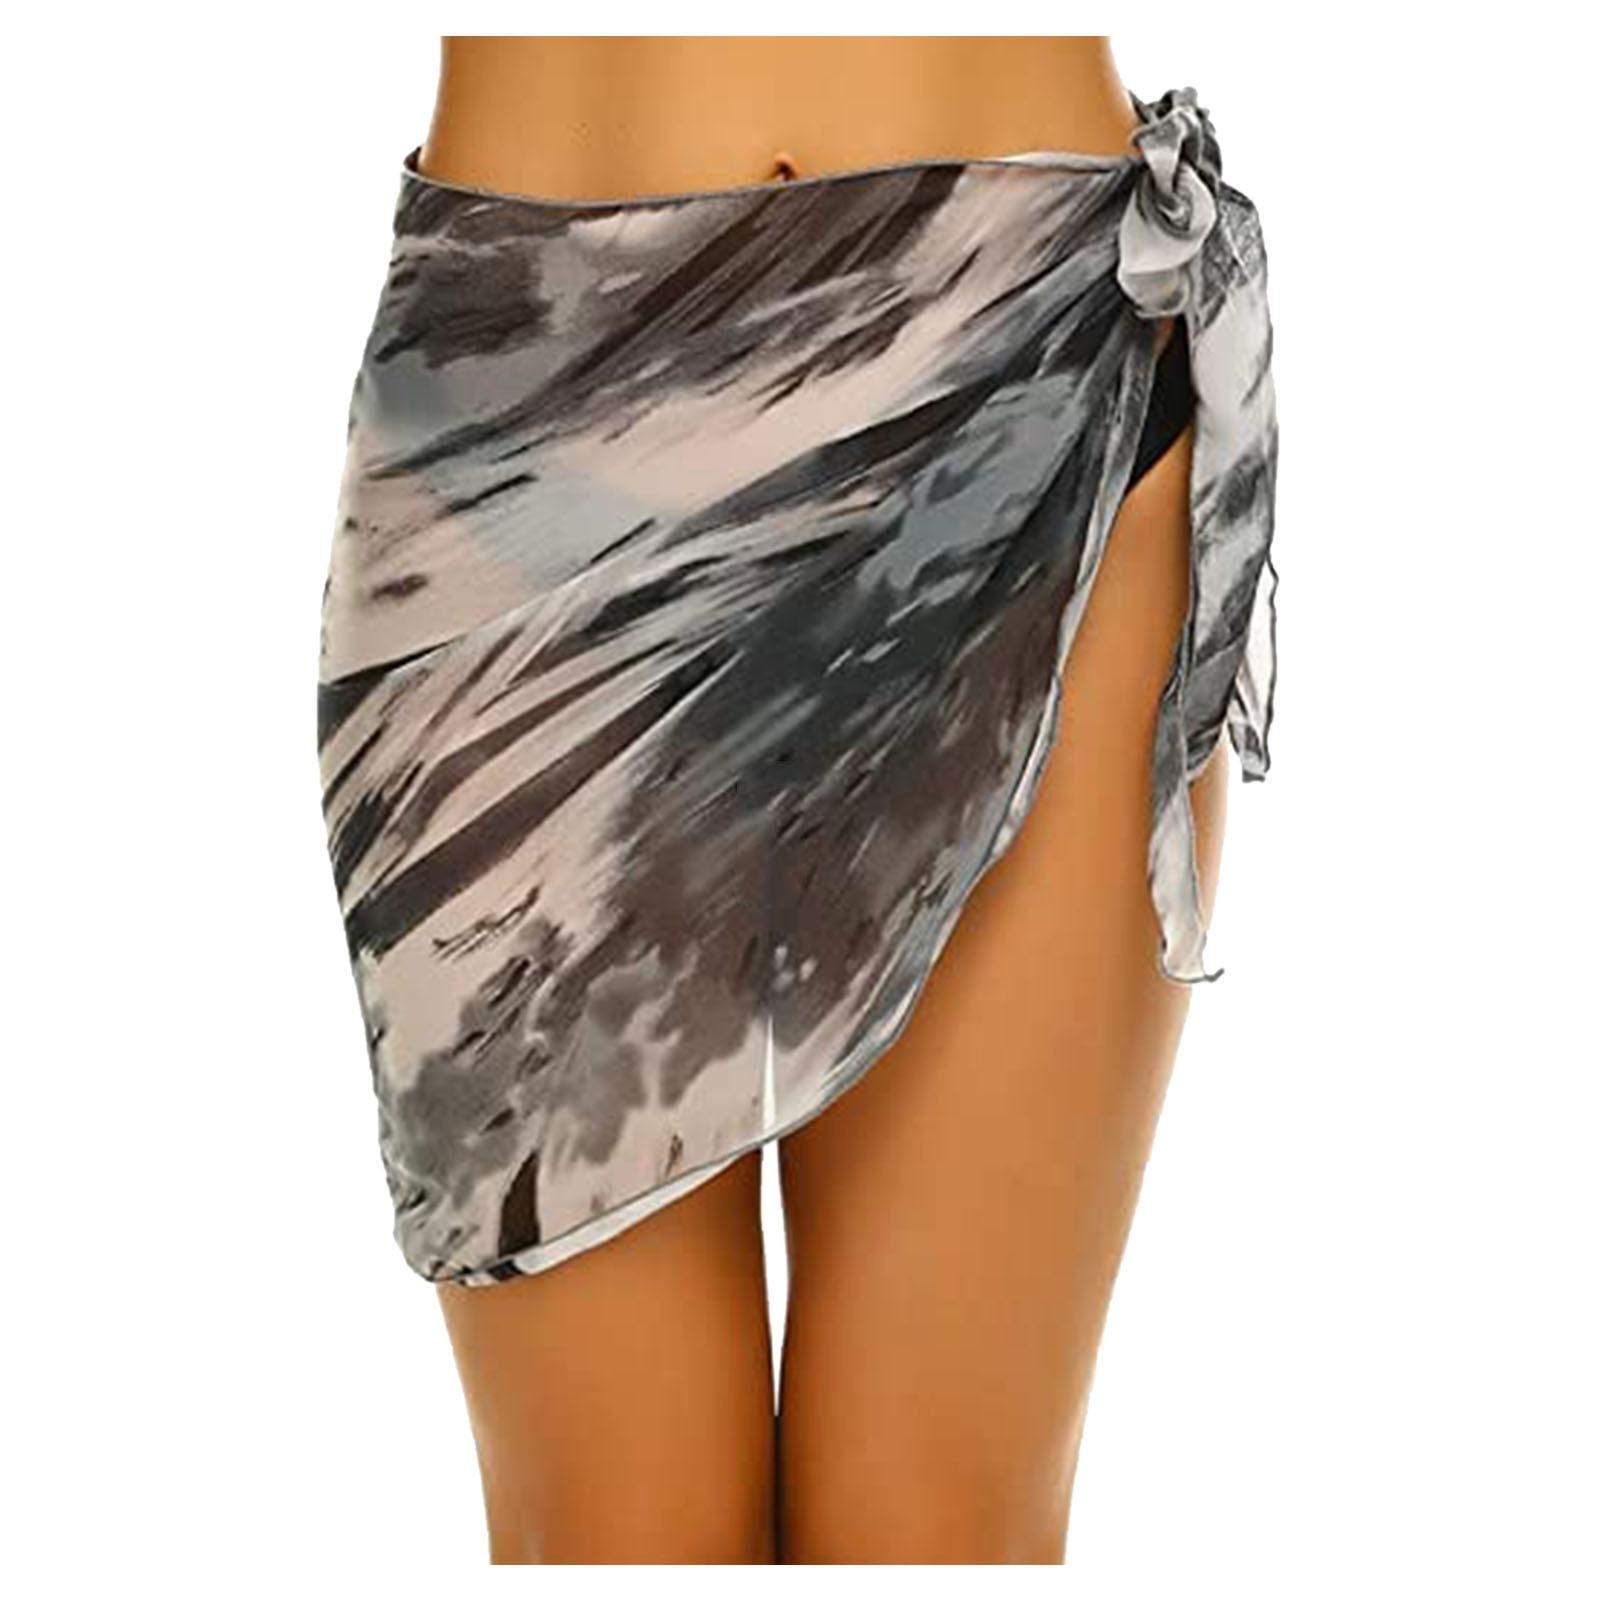 Women Short Sarongs Beach Wrap Sheer Bikini Wraps Chiffon Cover Ups for Swimwear 4